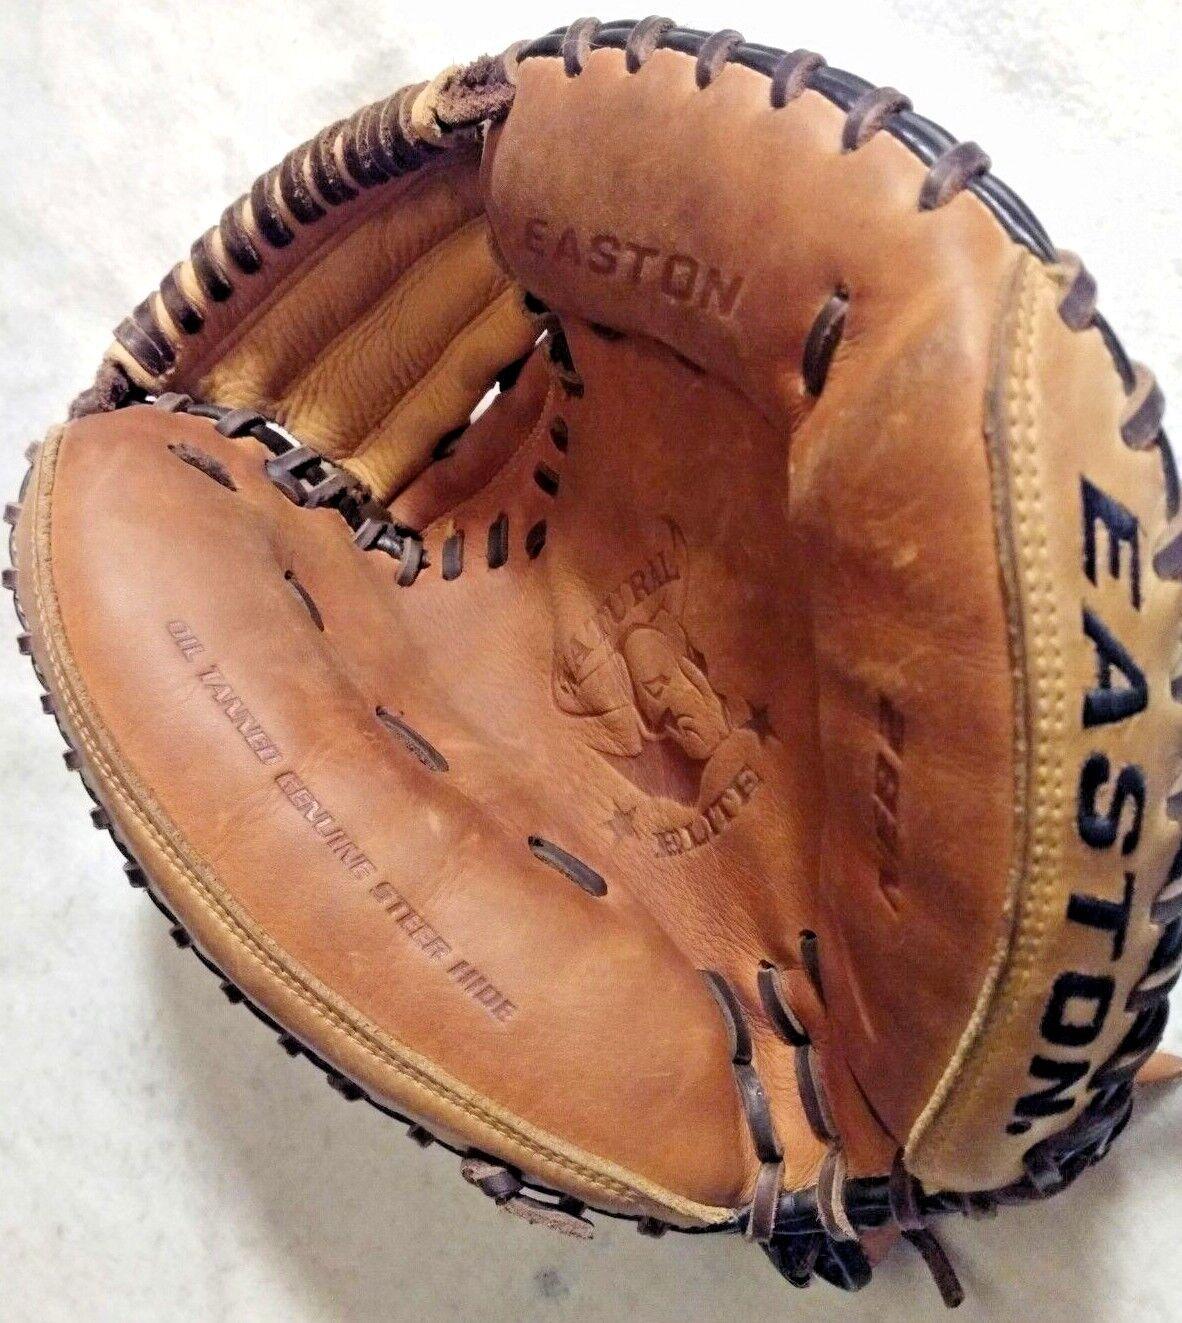 Easton Natural Elite RIGHT Catchers Mitt Glove Pelle RIGHT Elite HAND THROW Baseball NEB2 efa348